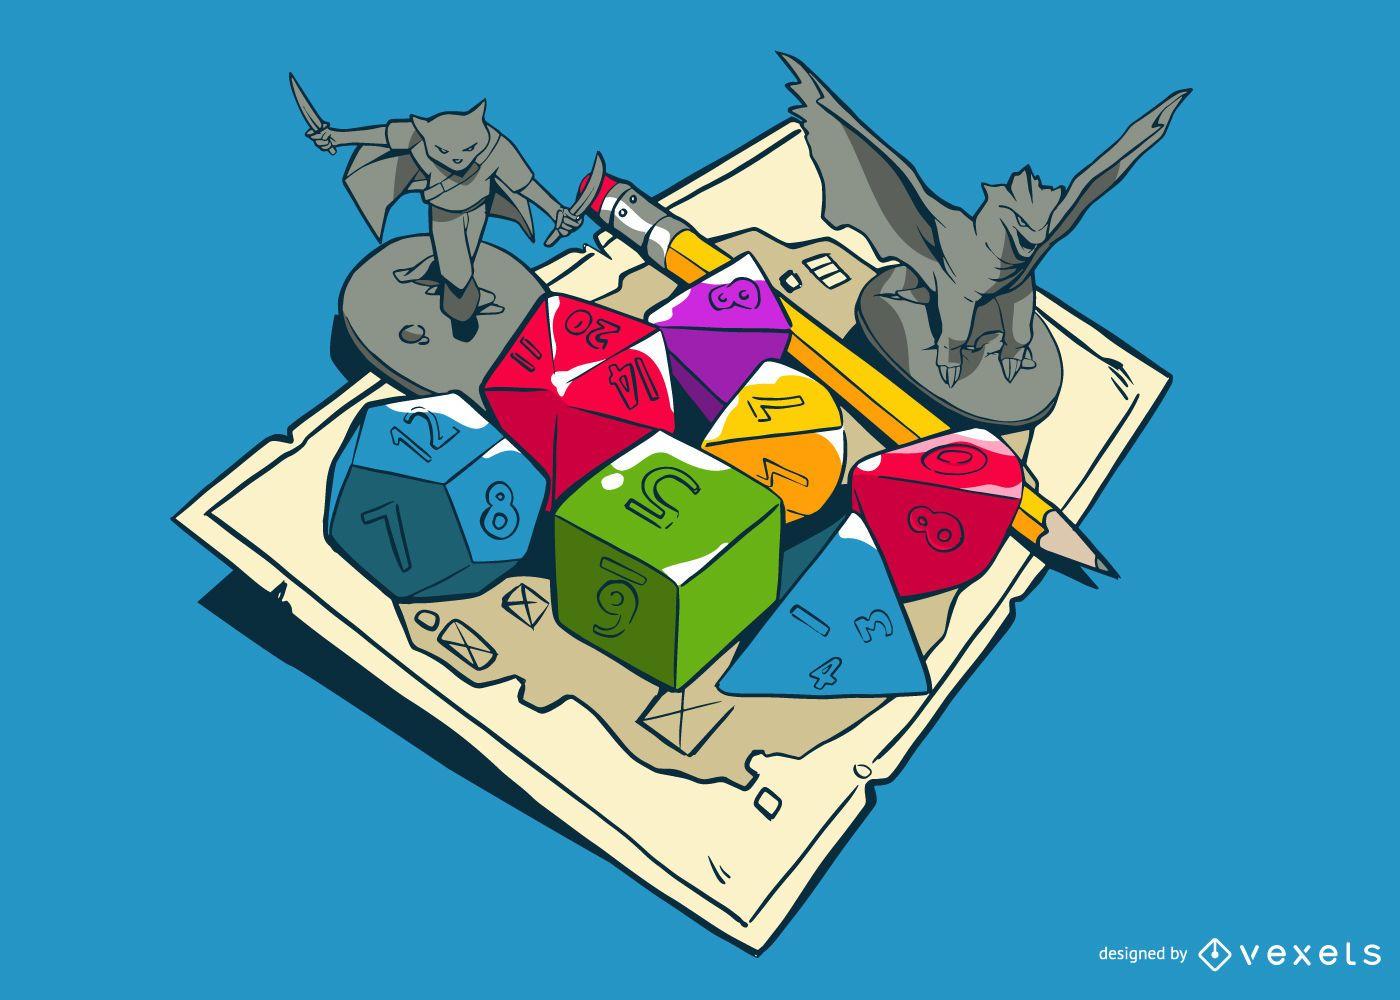 Ilustración del juego de rol